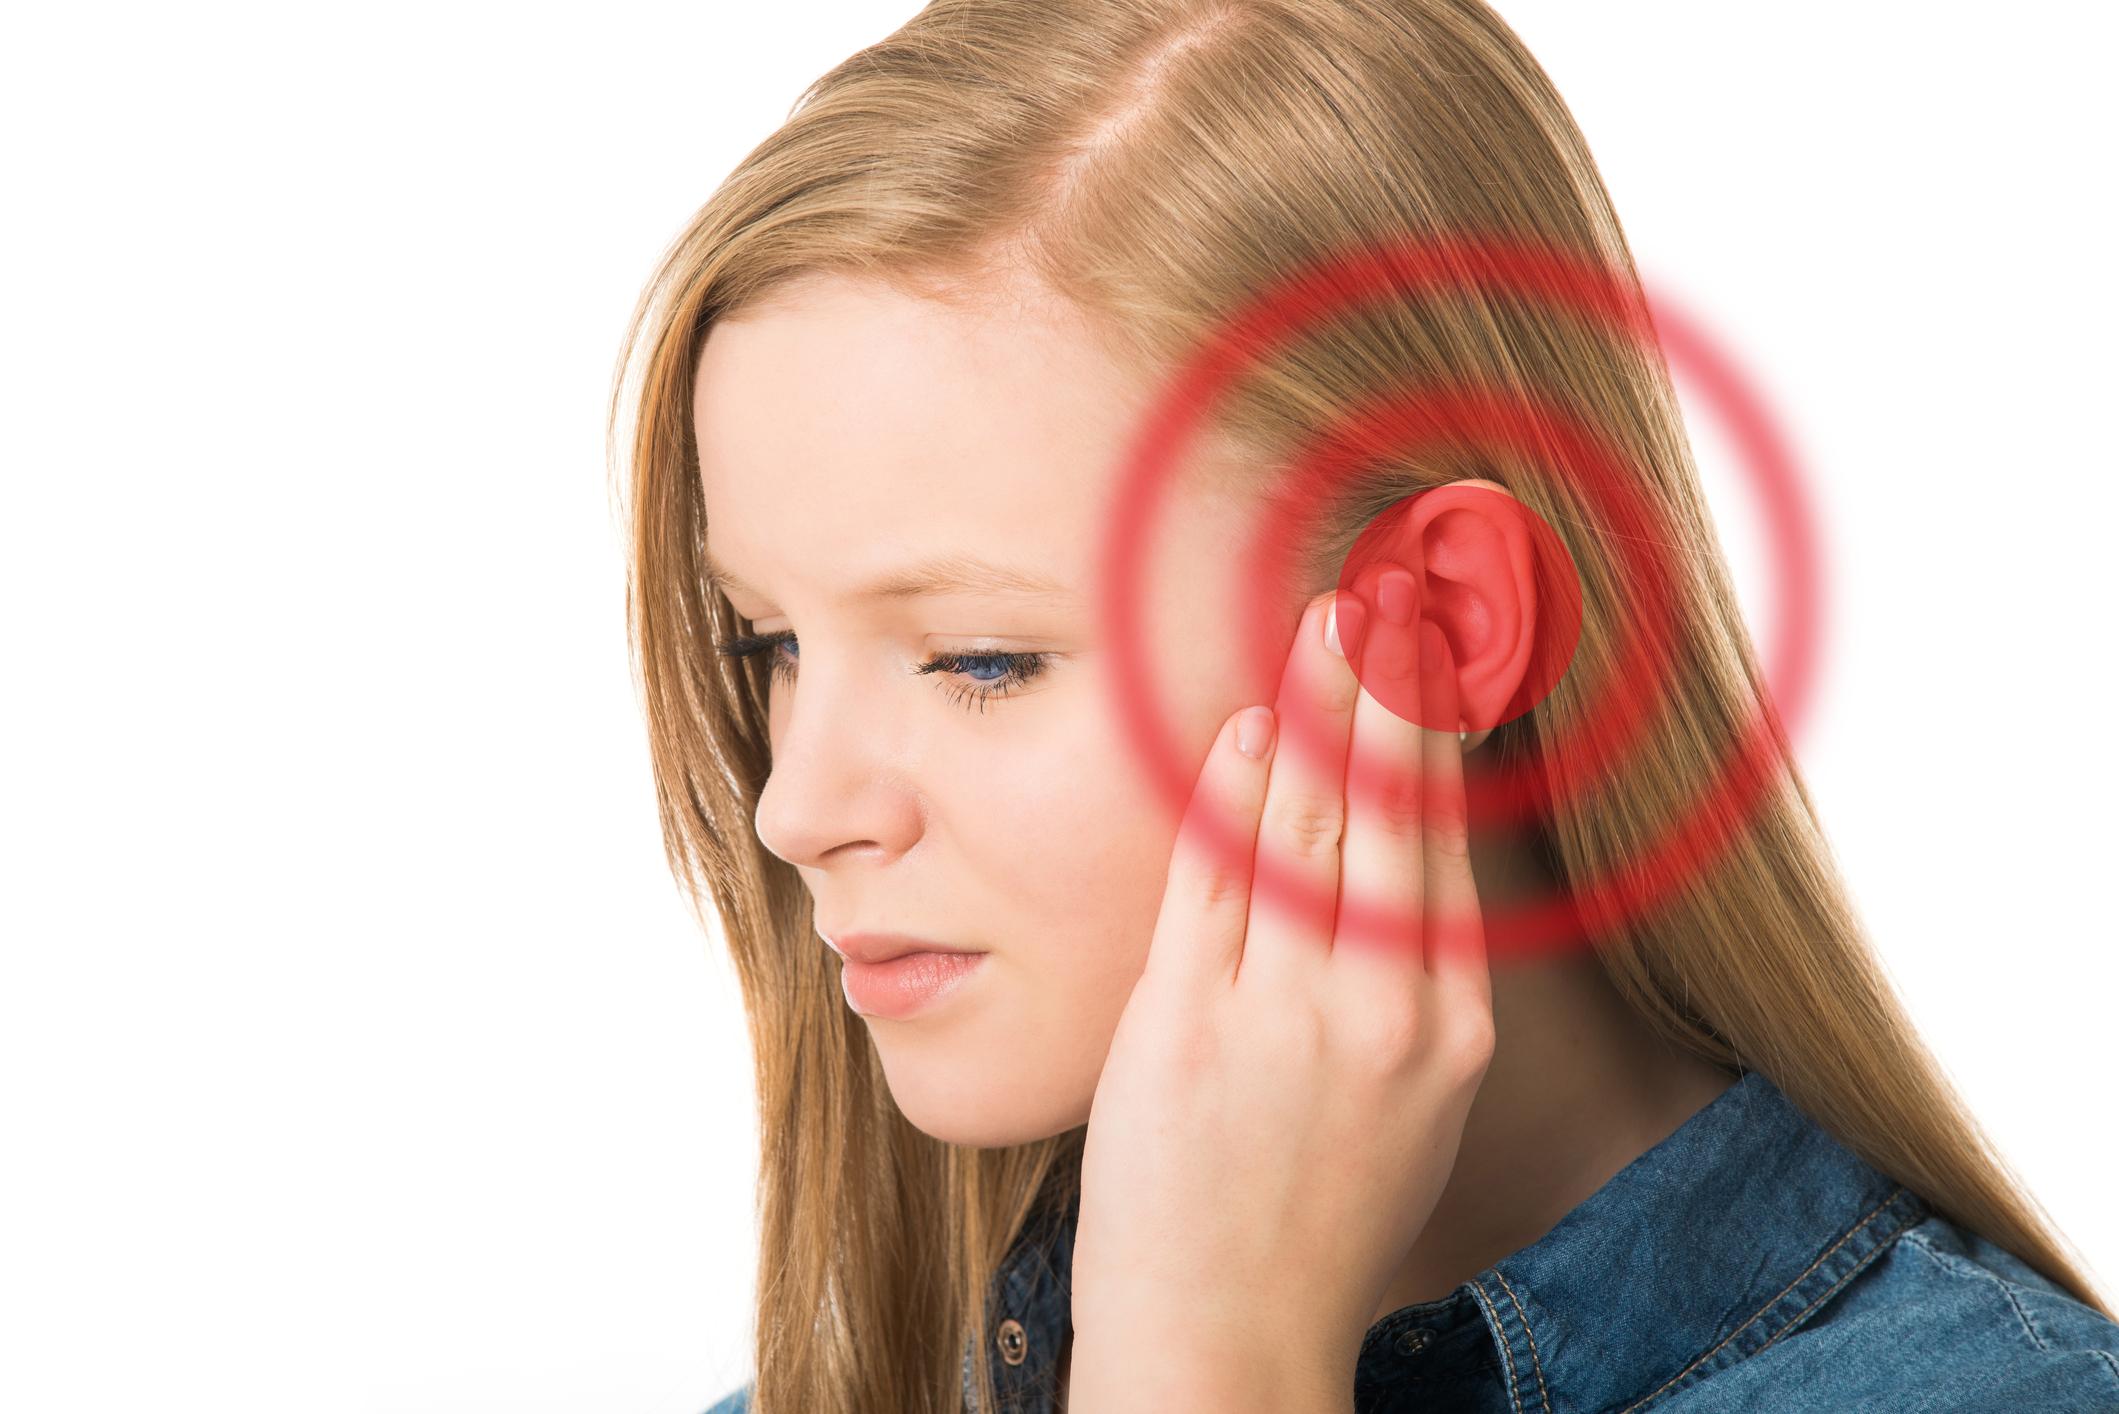 انواع وزوز گوش – چه صداهایی ممکن است در گوش شنیده شود